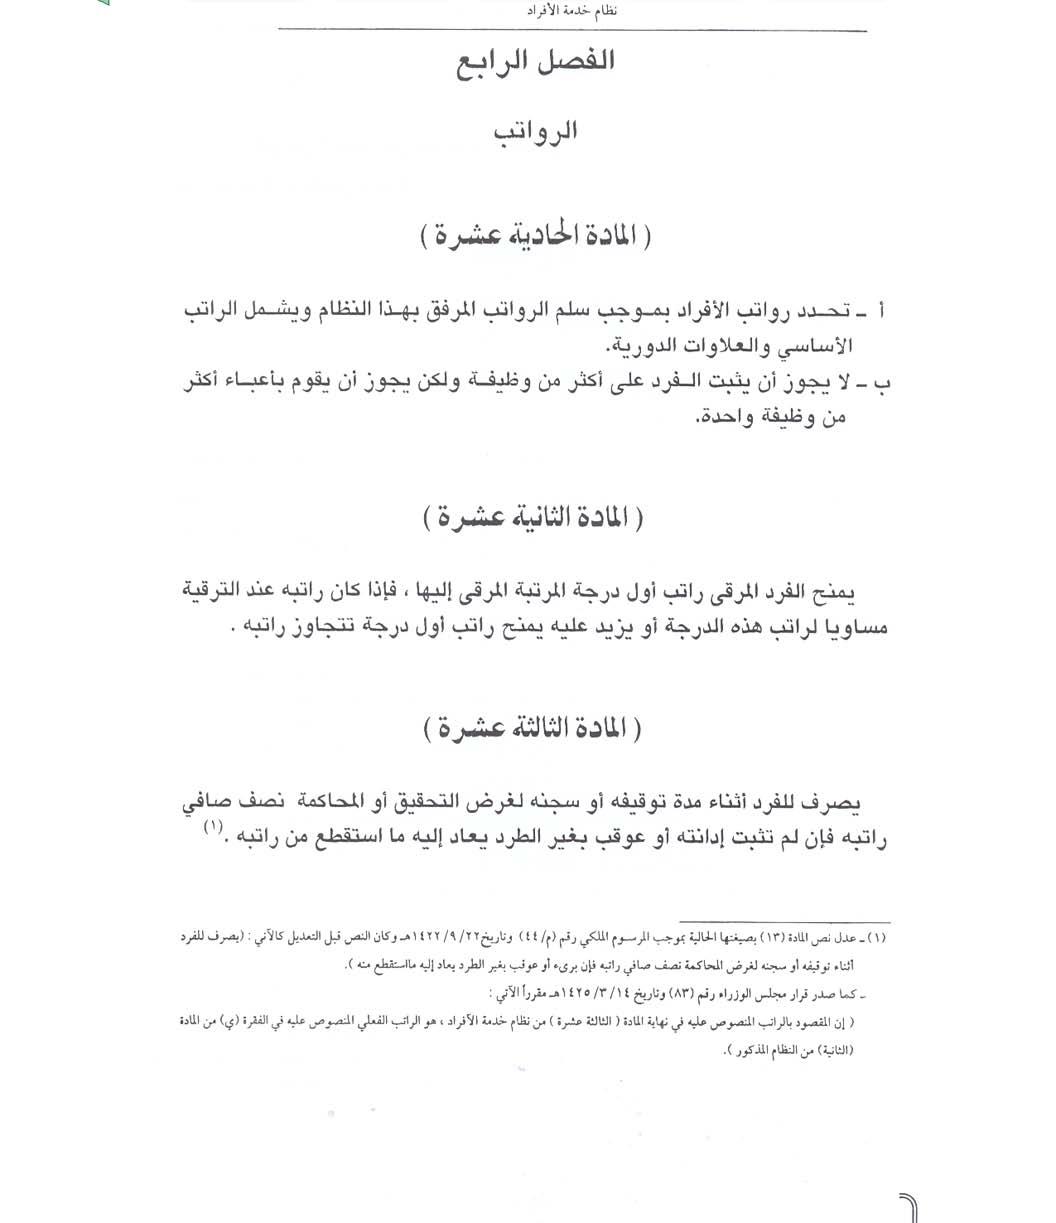 جدول العلاوات نظام الأفراد العسكريين الجديد 1440